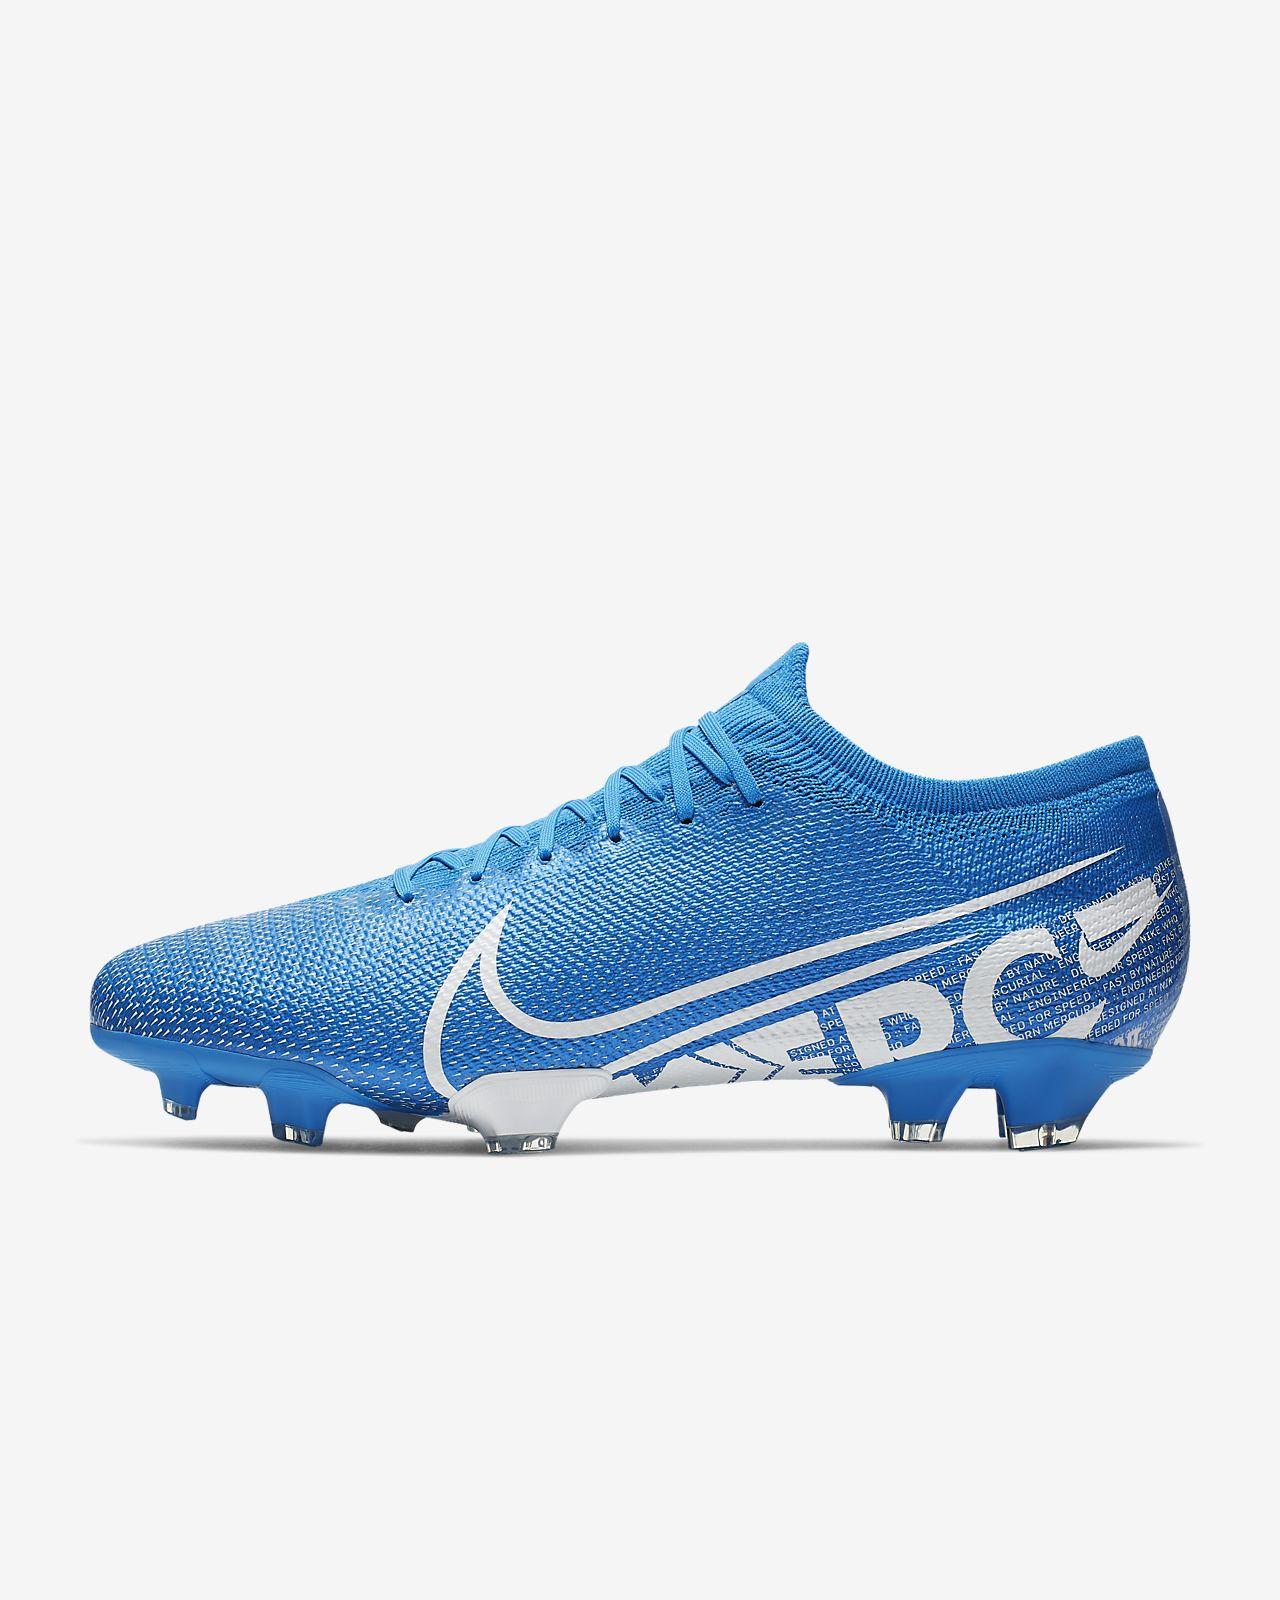 Nike Mercurial Vapor 13 Pro FG normál talajra készült stoplis futballcipő